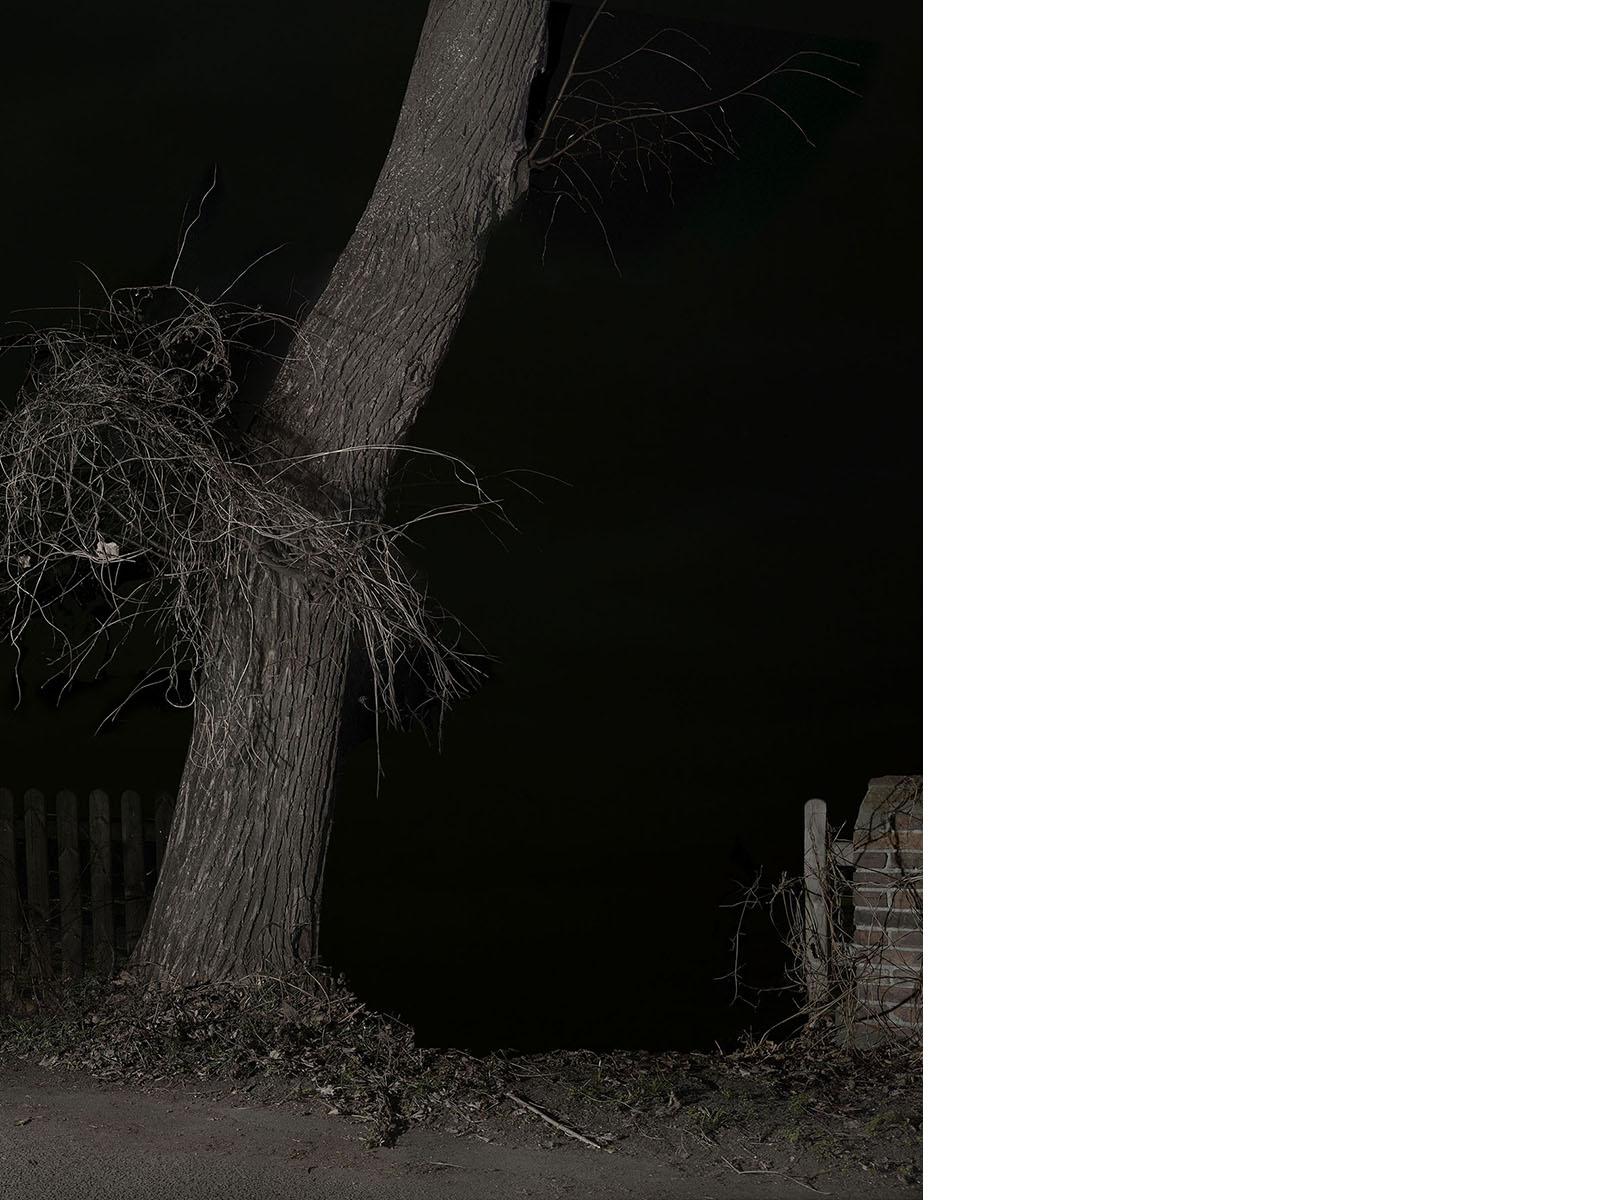 SL#6, 2017, 65 x 50 cm, Inkjet print